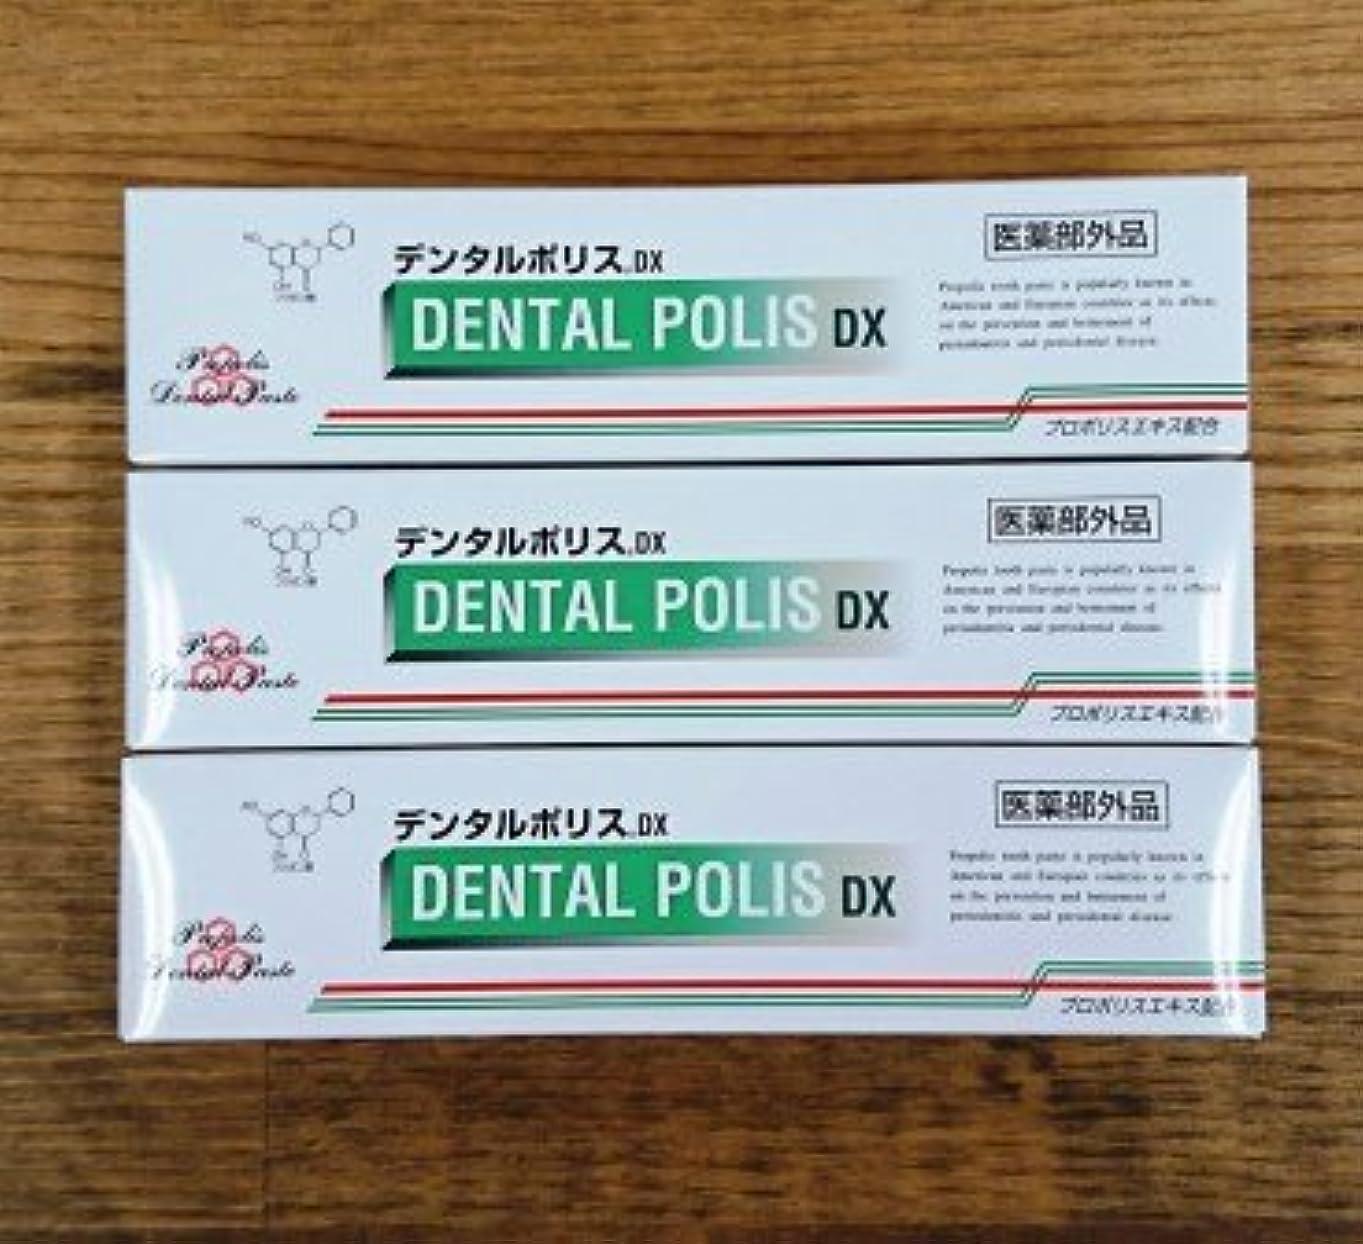 市町村乱雑な学期デンタルポリスDX80g×3本セット 医薬部外品  歯みがき